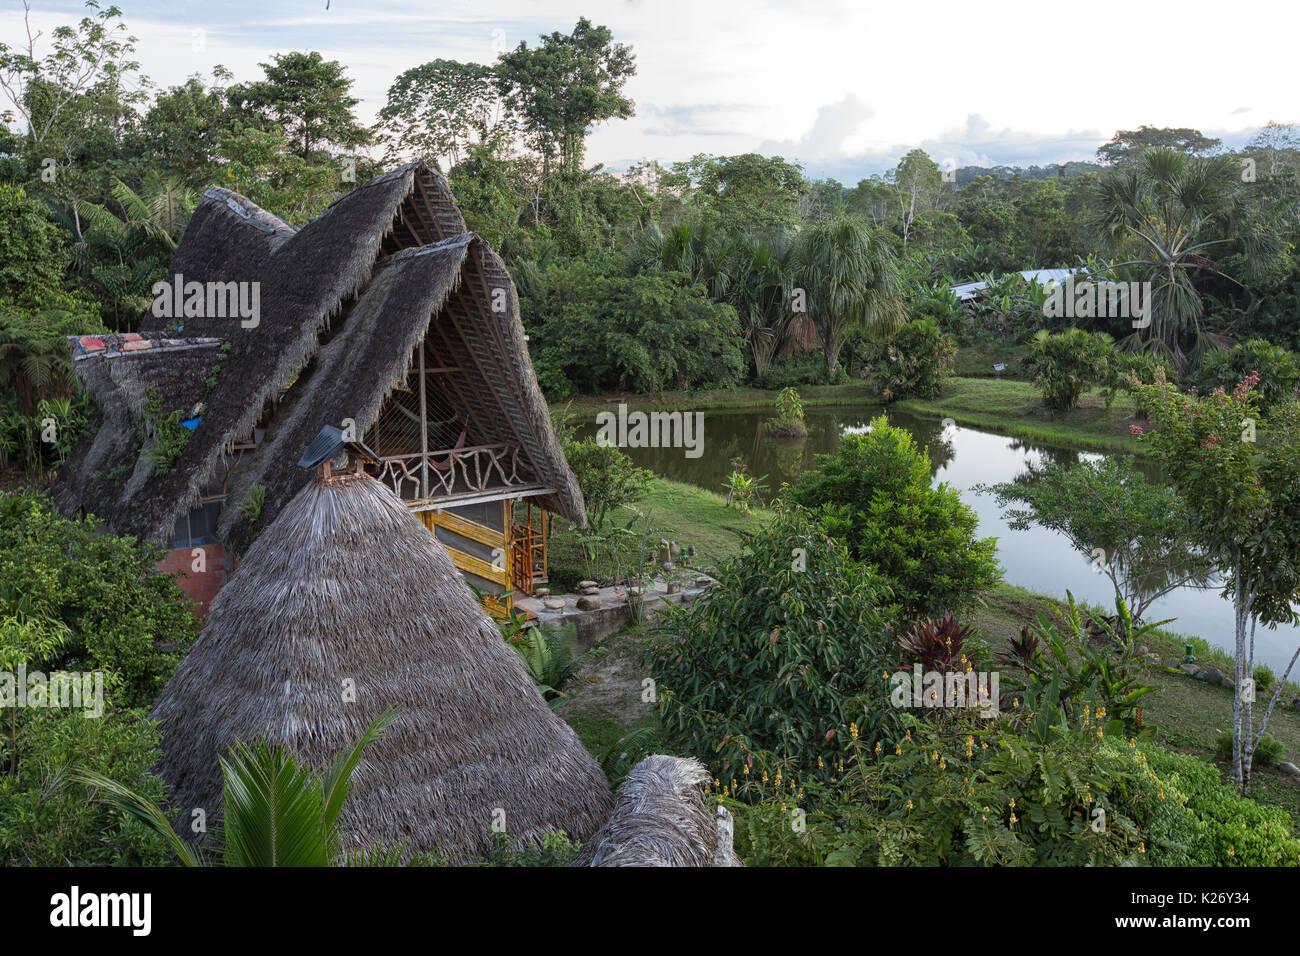 6 juin 2017, l'Équateur Misahualli: Bâtiments écologiques faites de bambou dans la région amazonienne Photo Stock